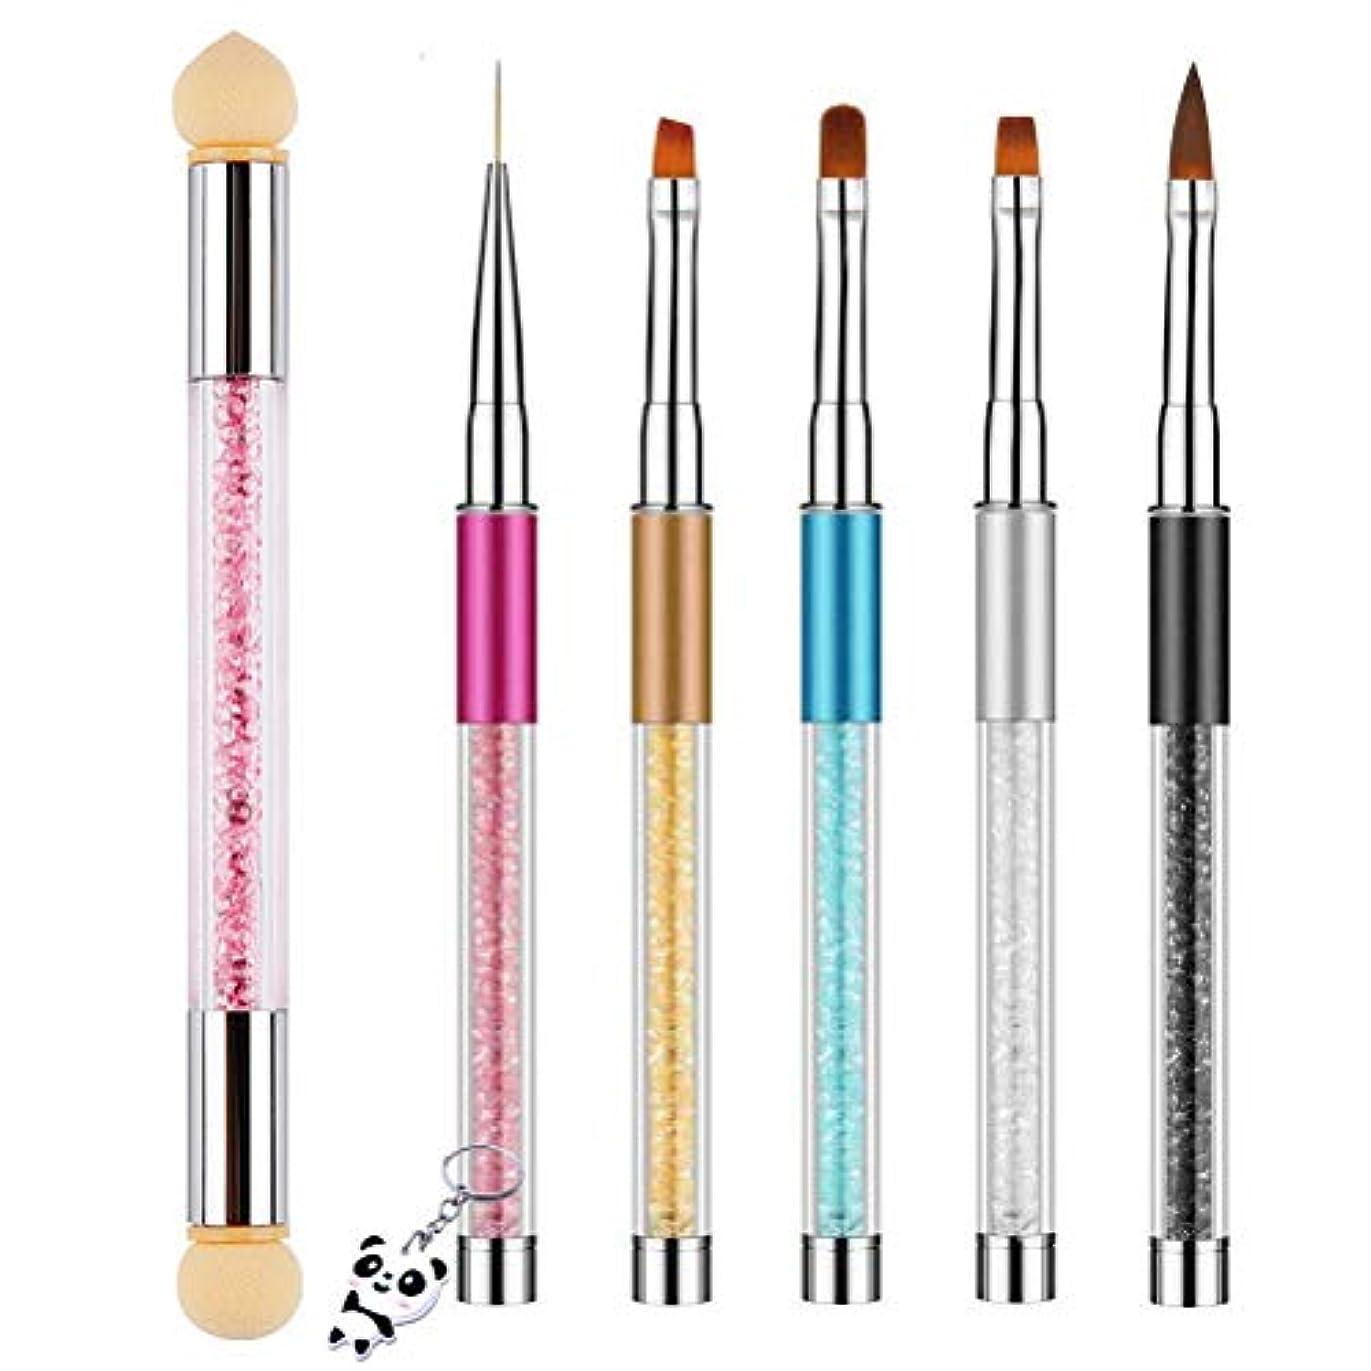 光沢成長脚Achy JP ネイルアートブラシ 6個セット ネールアートペン マニキュアツールキット UV用 ネイルツール ネイル用品